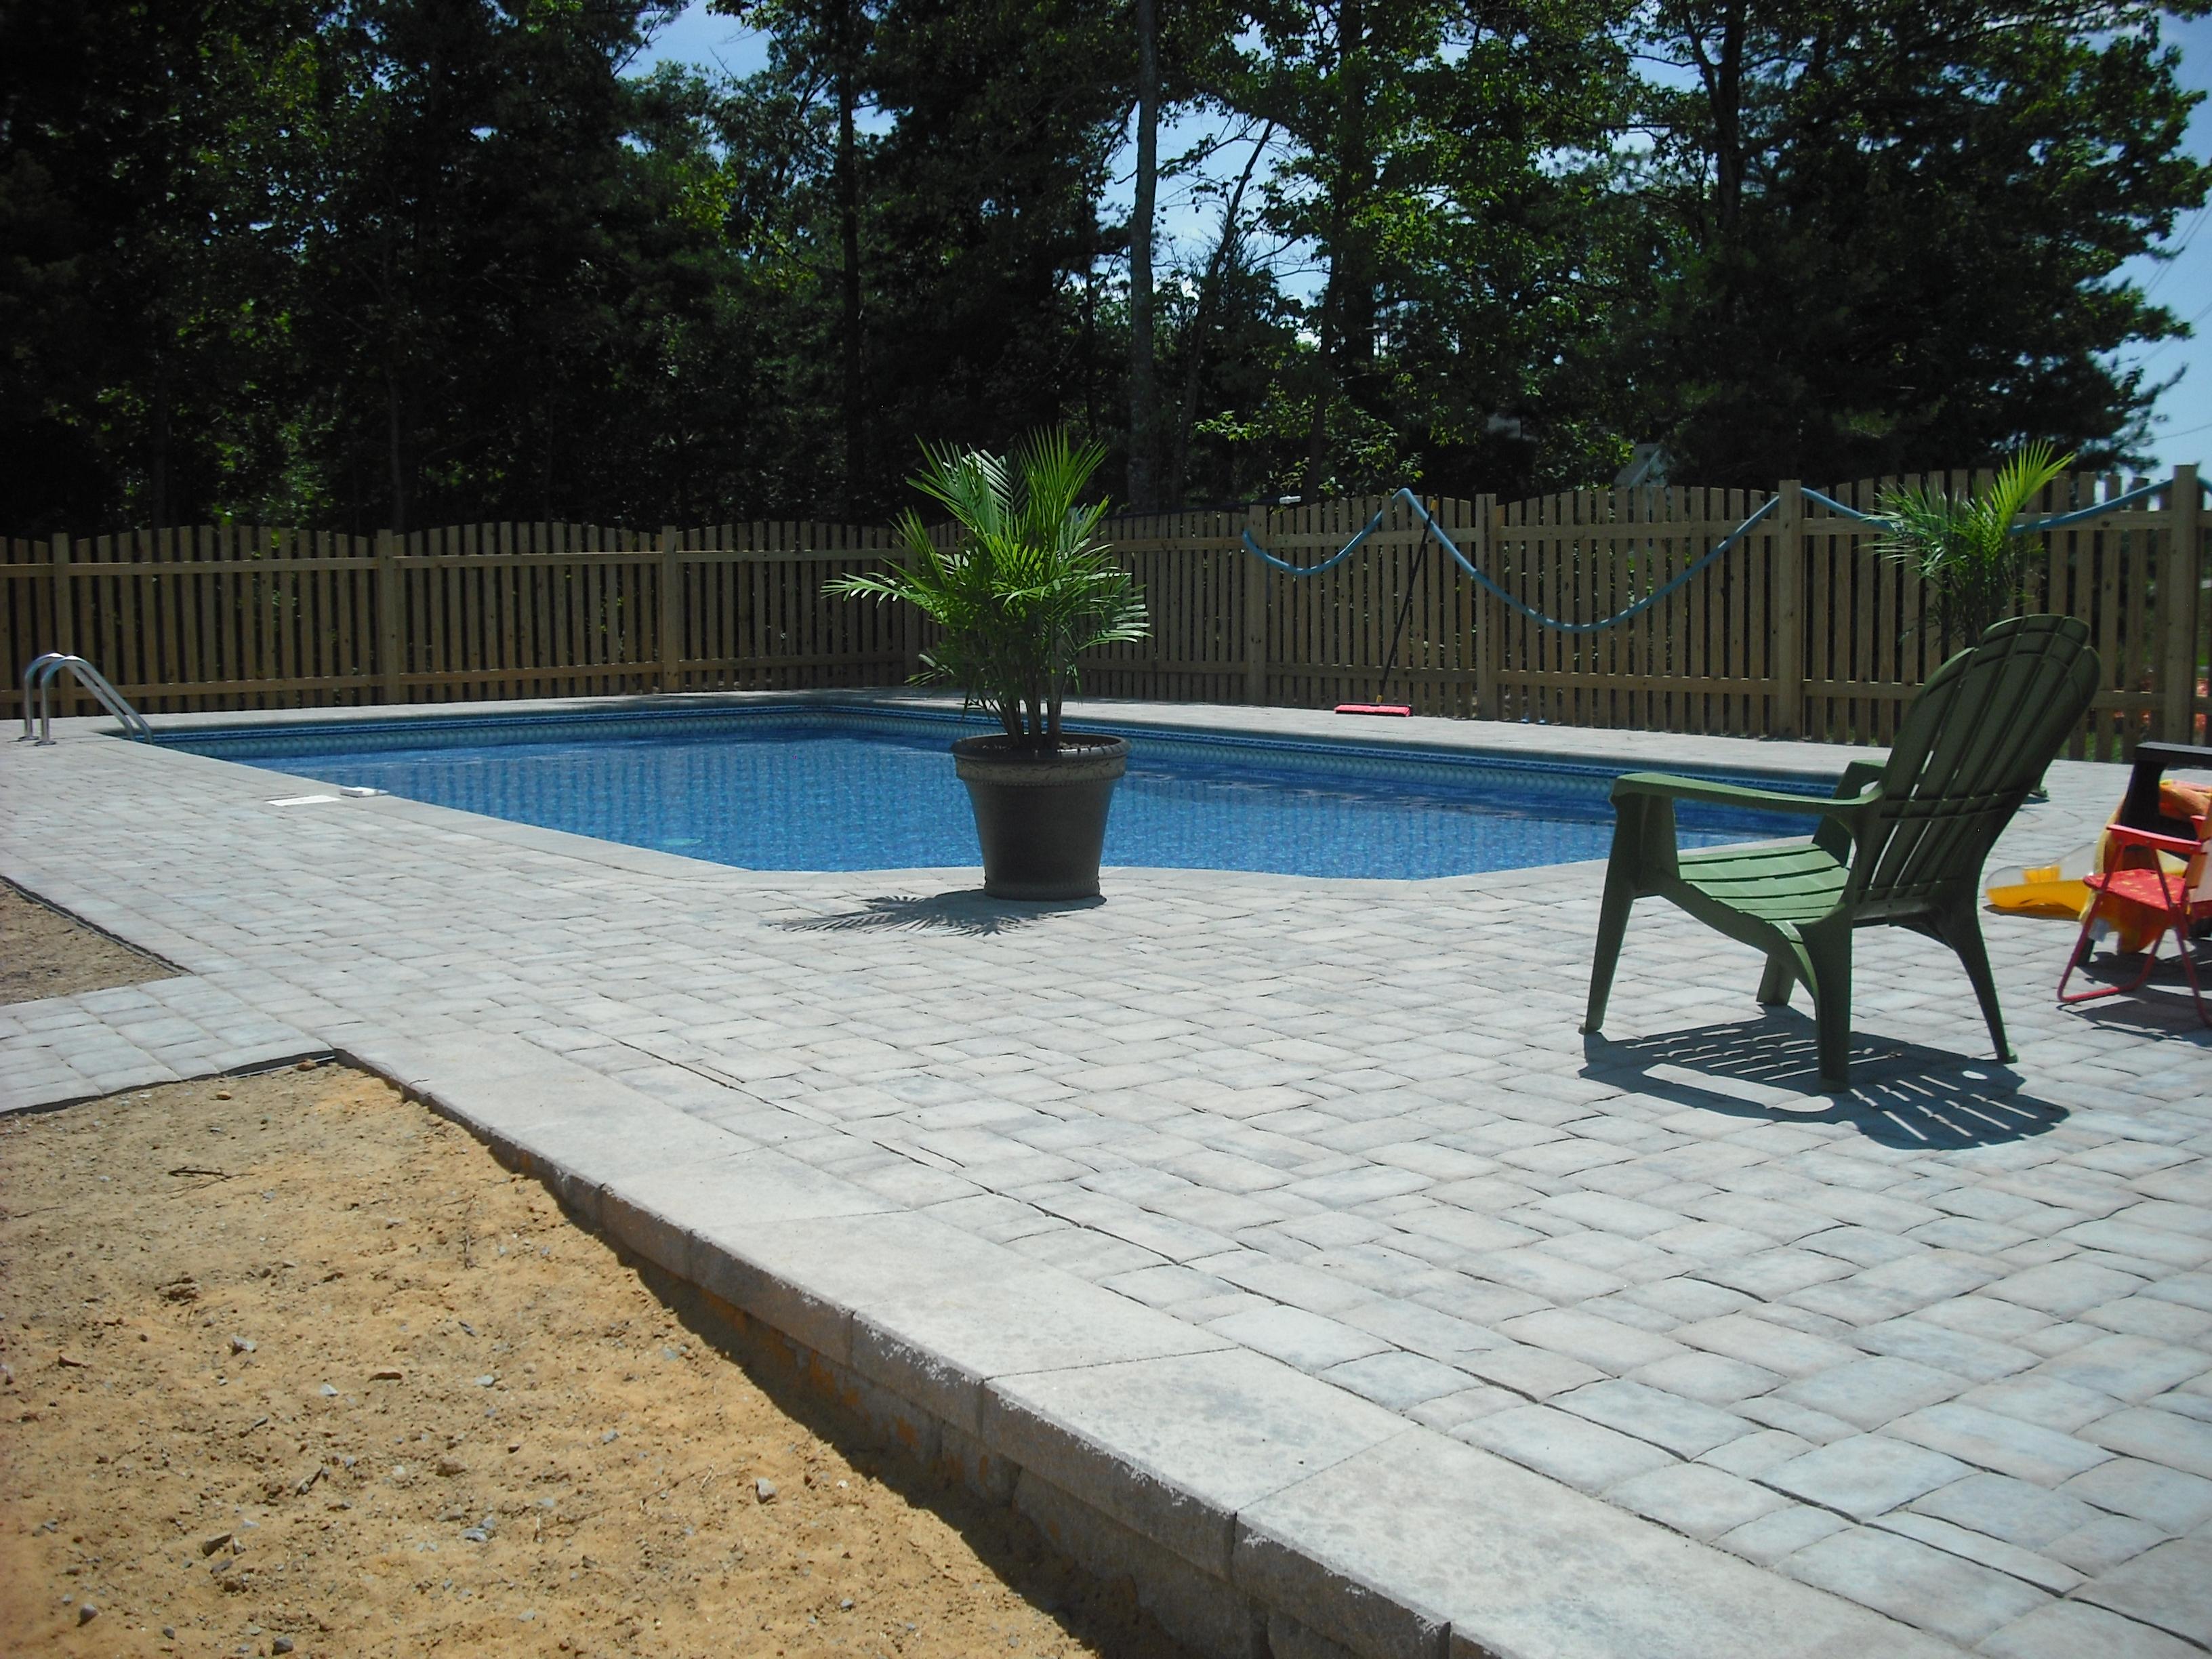 Brick Paver Skirting Around Pool